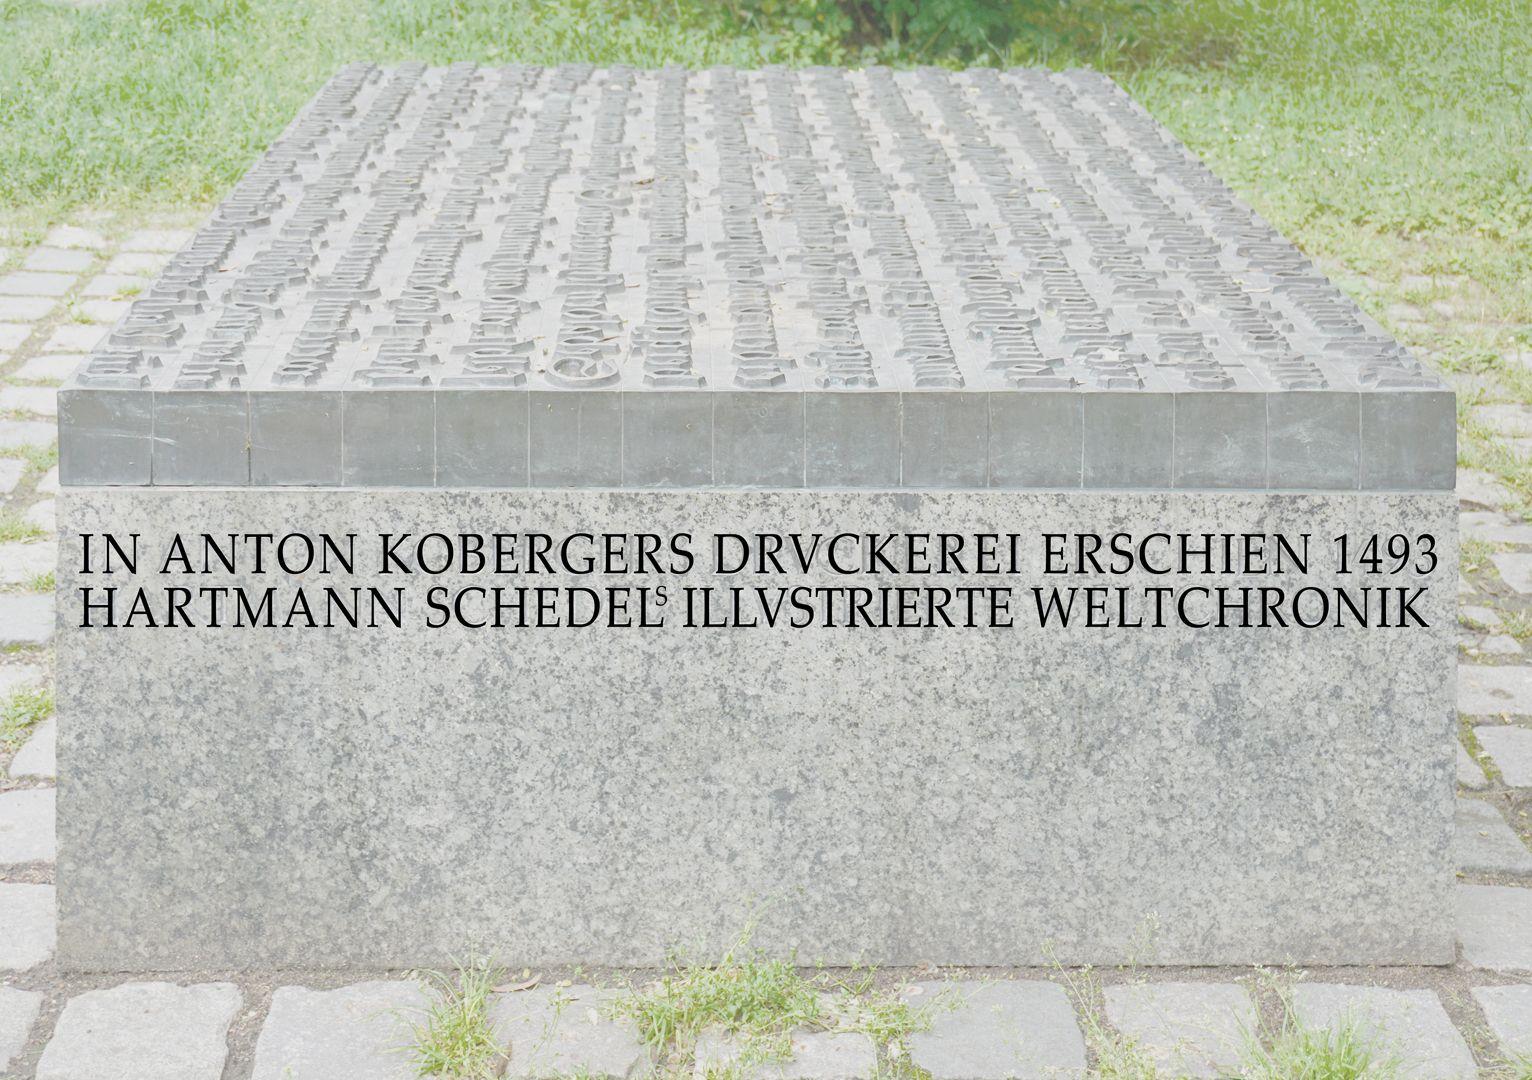 Anton Koberger / Gedenkstein Rechte Seite mit Inschrifttext (nachträgliche Fotobearbeitung)